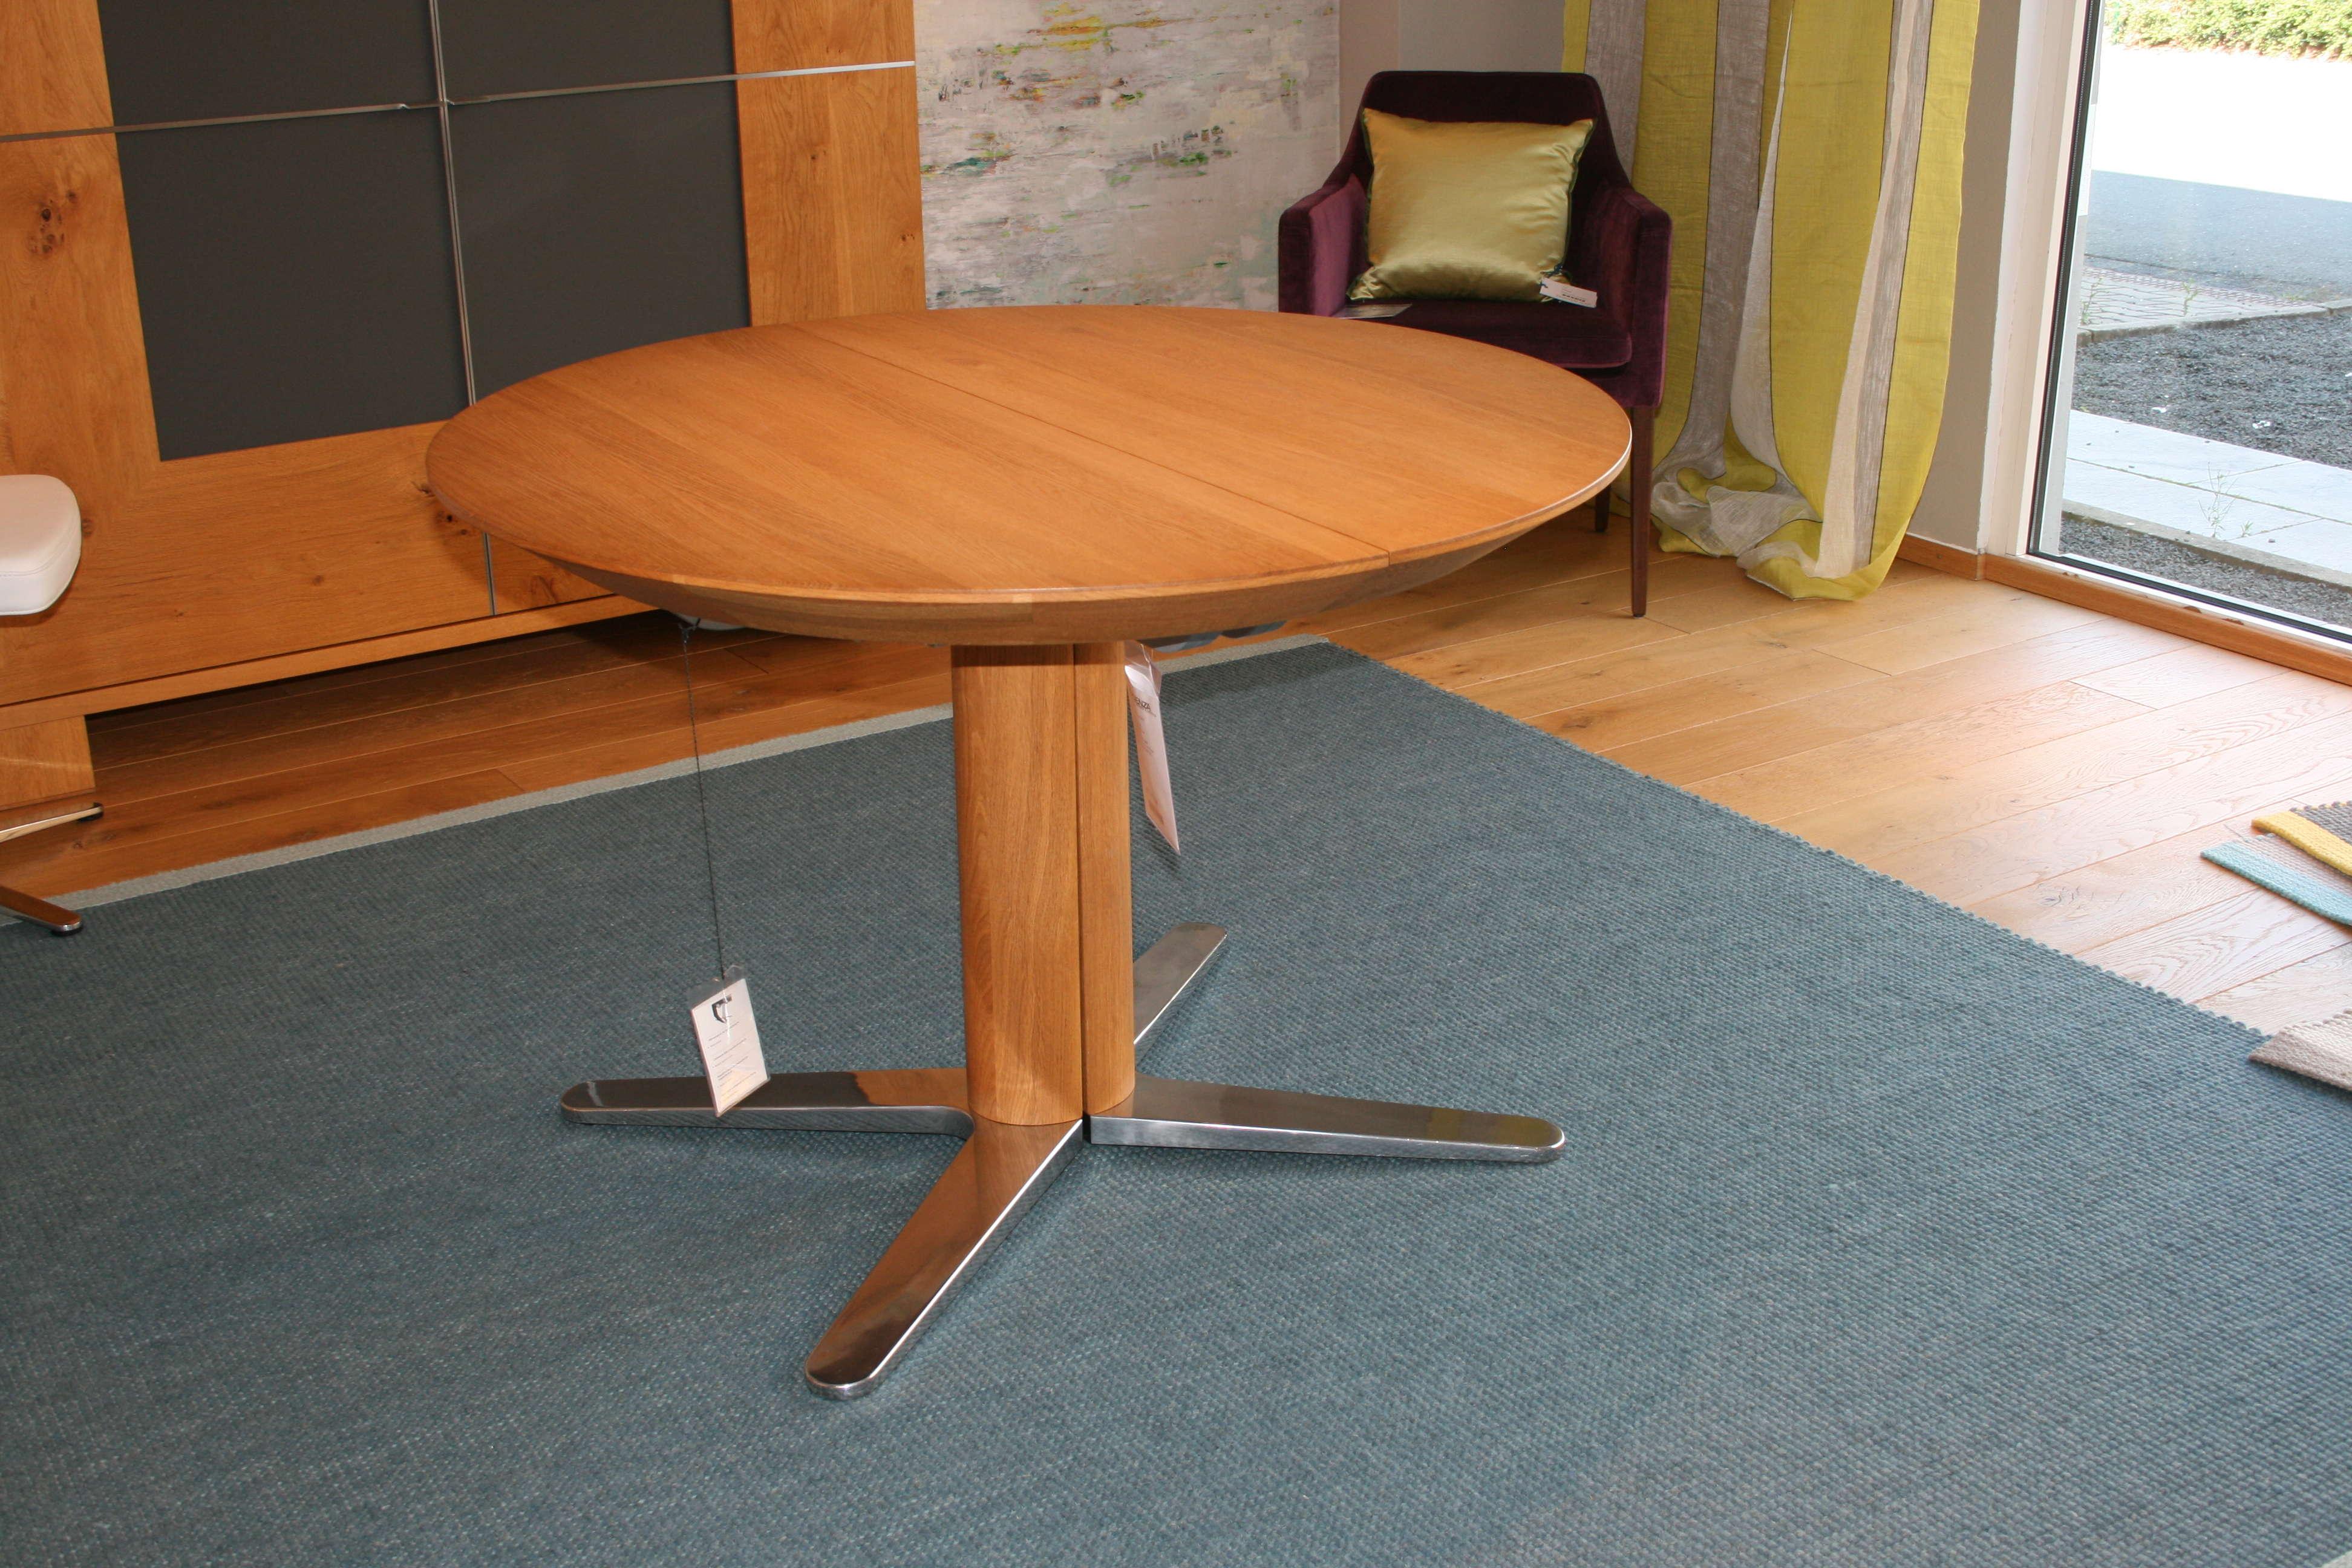 girado tisch rund von team7 tendenza. Black Bedroom Furniture Sets. Home Design Ideas